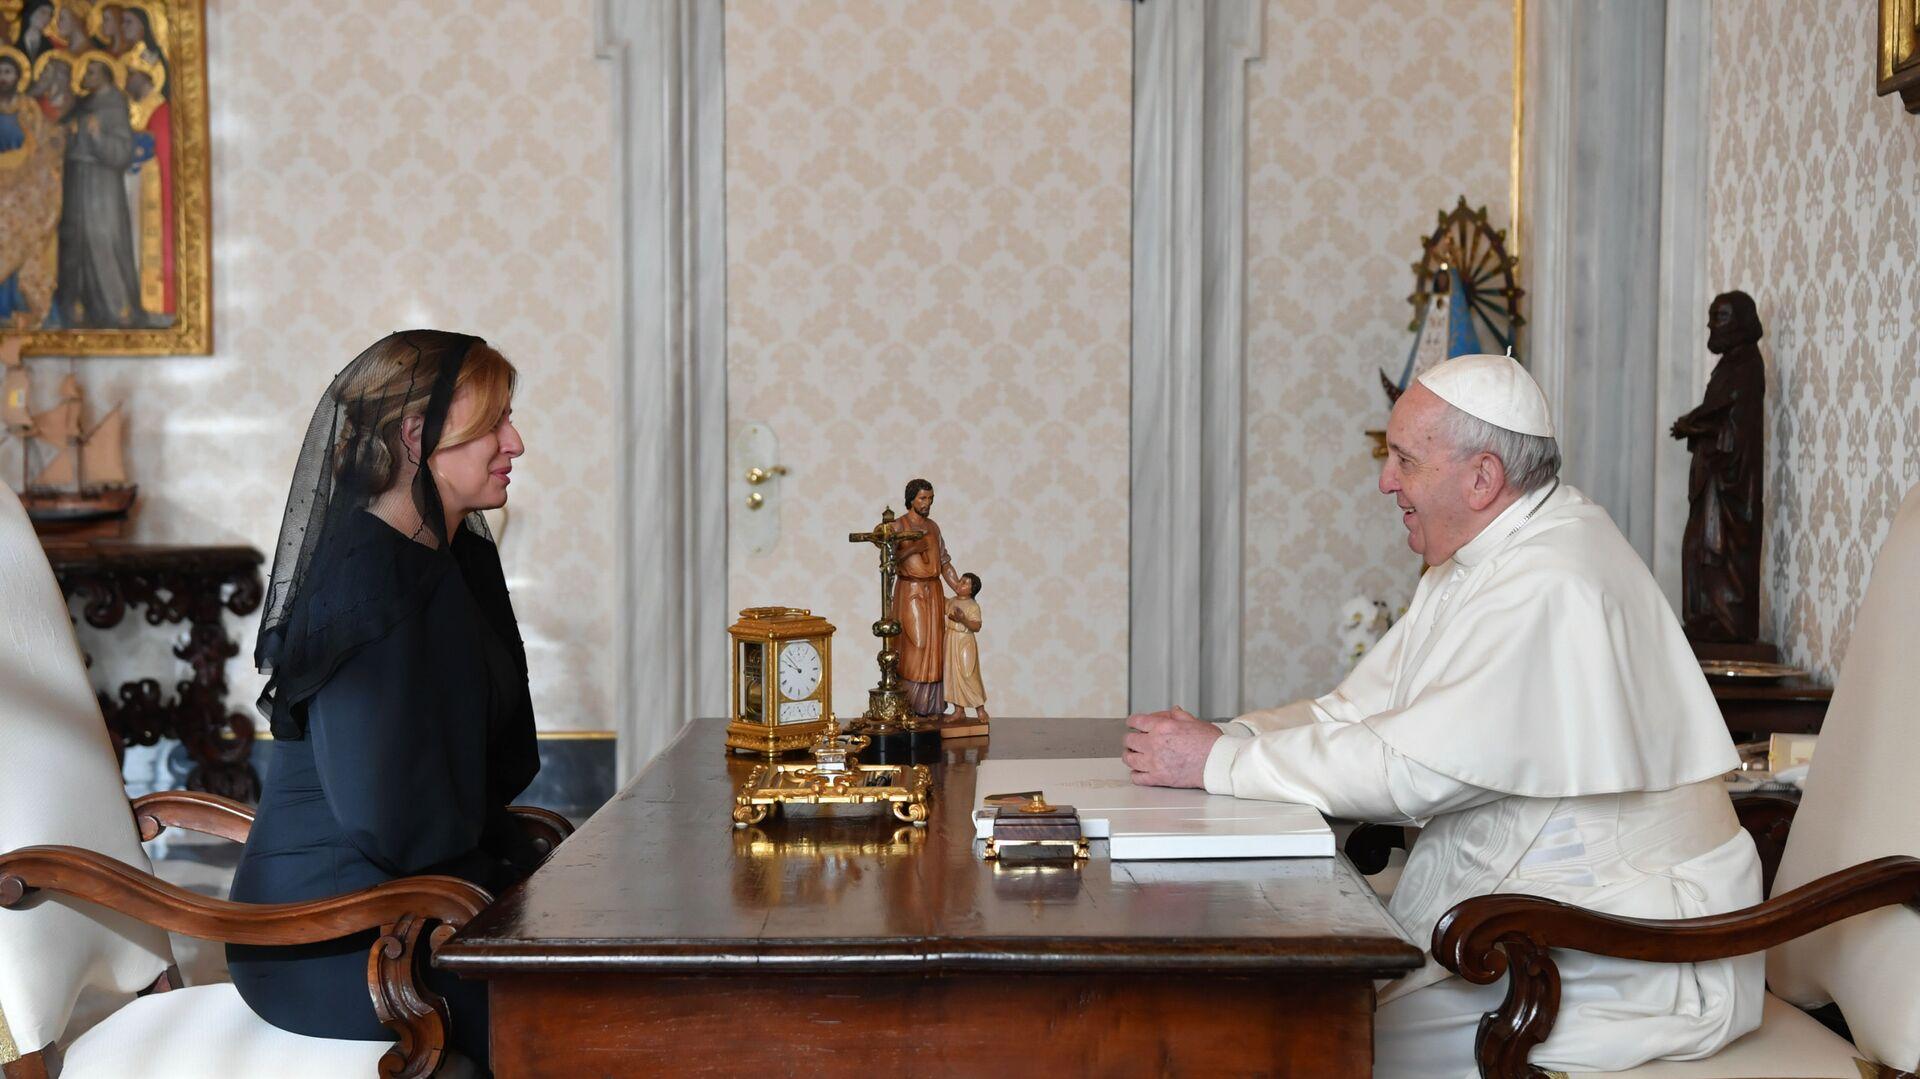 Slovenská prezidentka Zuzana Čaputová a papež František během setkání ve Vatikánu - Sputnik Česká republika, 1920, 01.08.2021